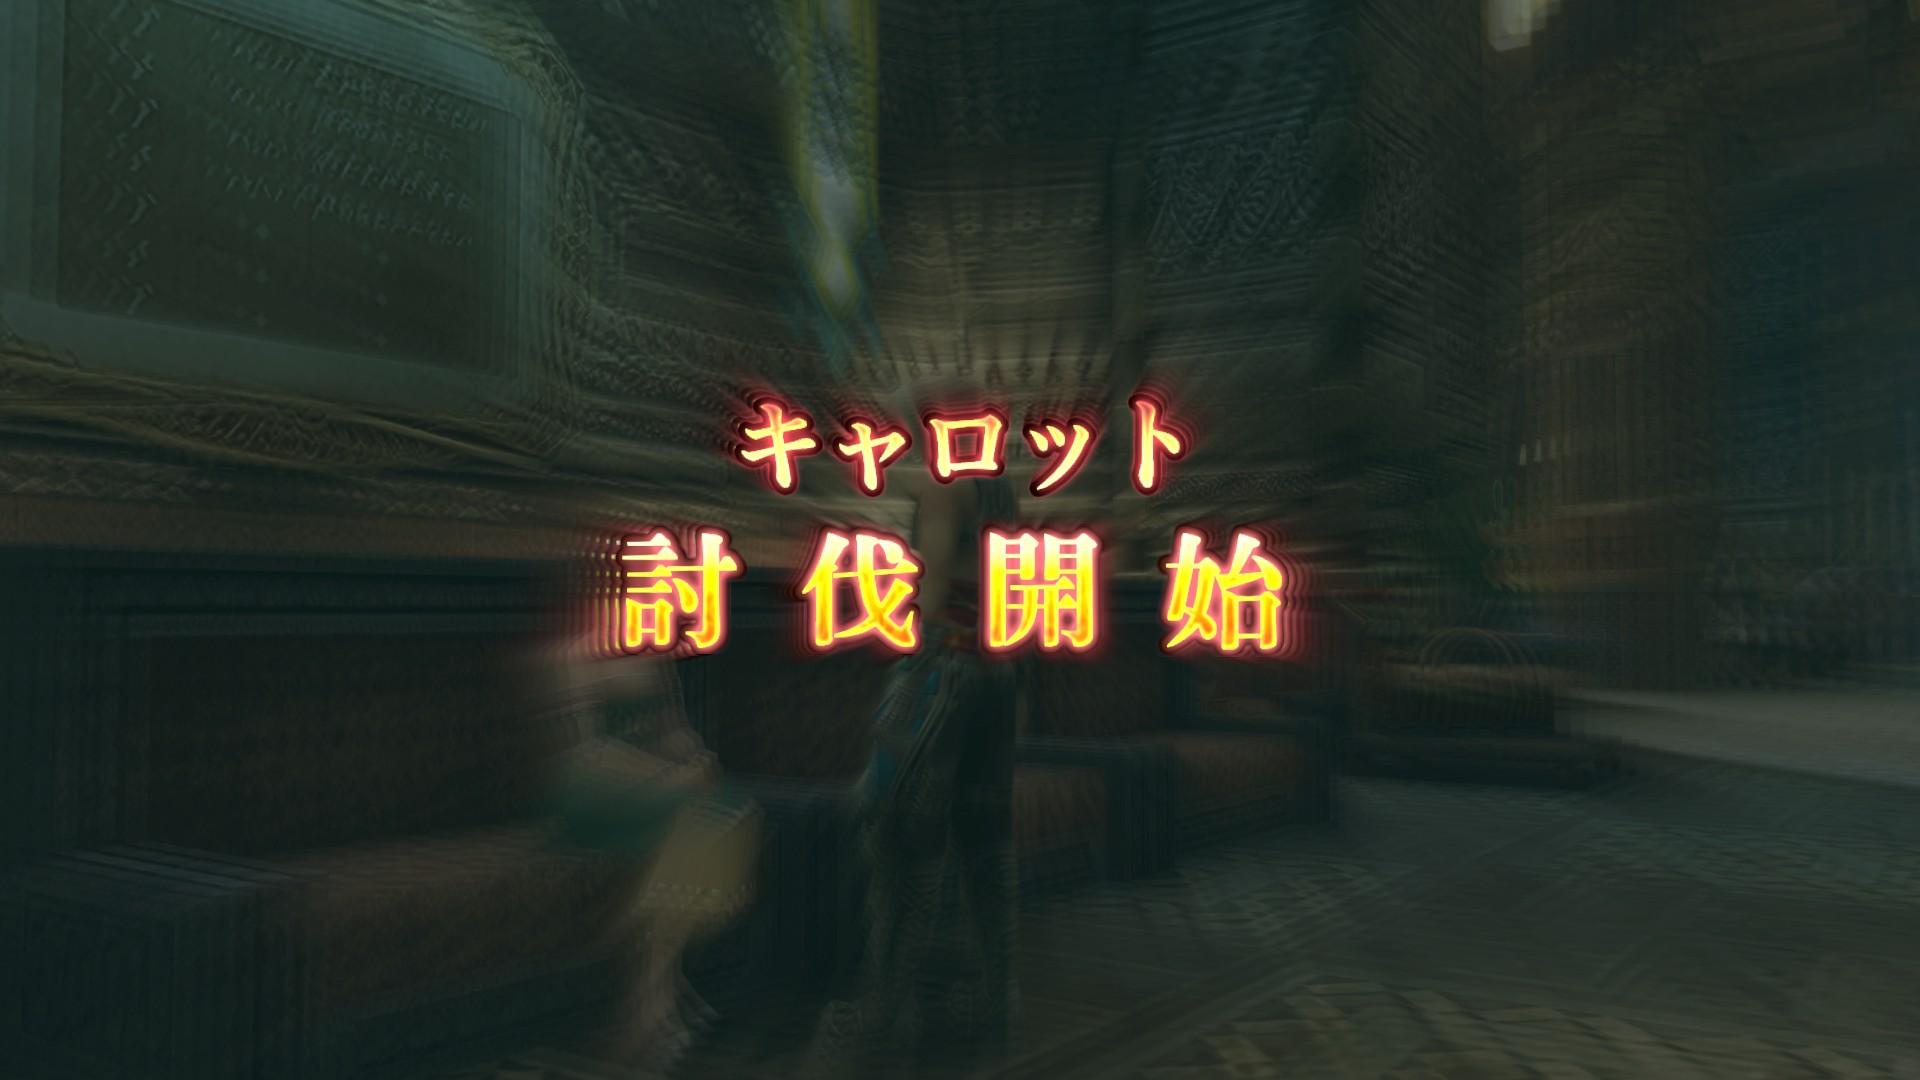 Lov, klany a nepřátelé z Final Fantasy XII: The Zodiac Age na screenshotech 146308